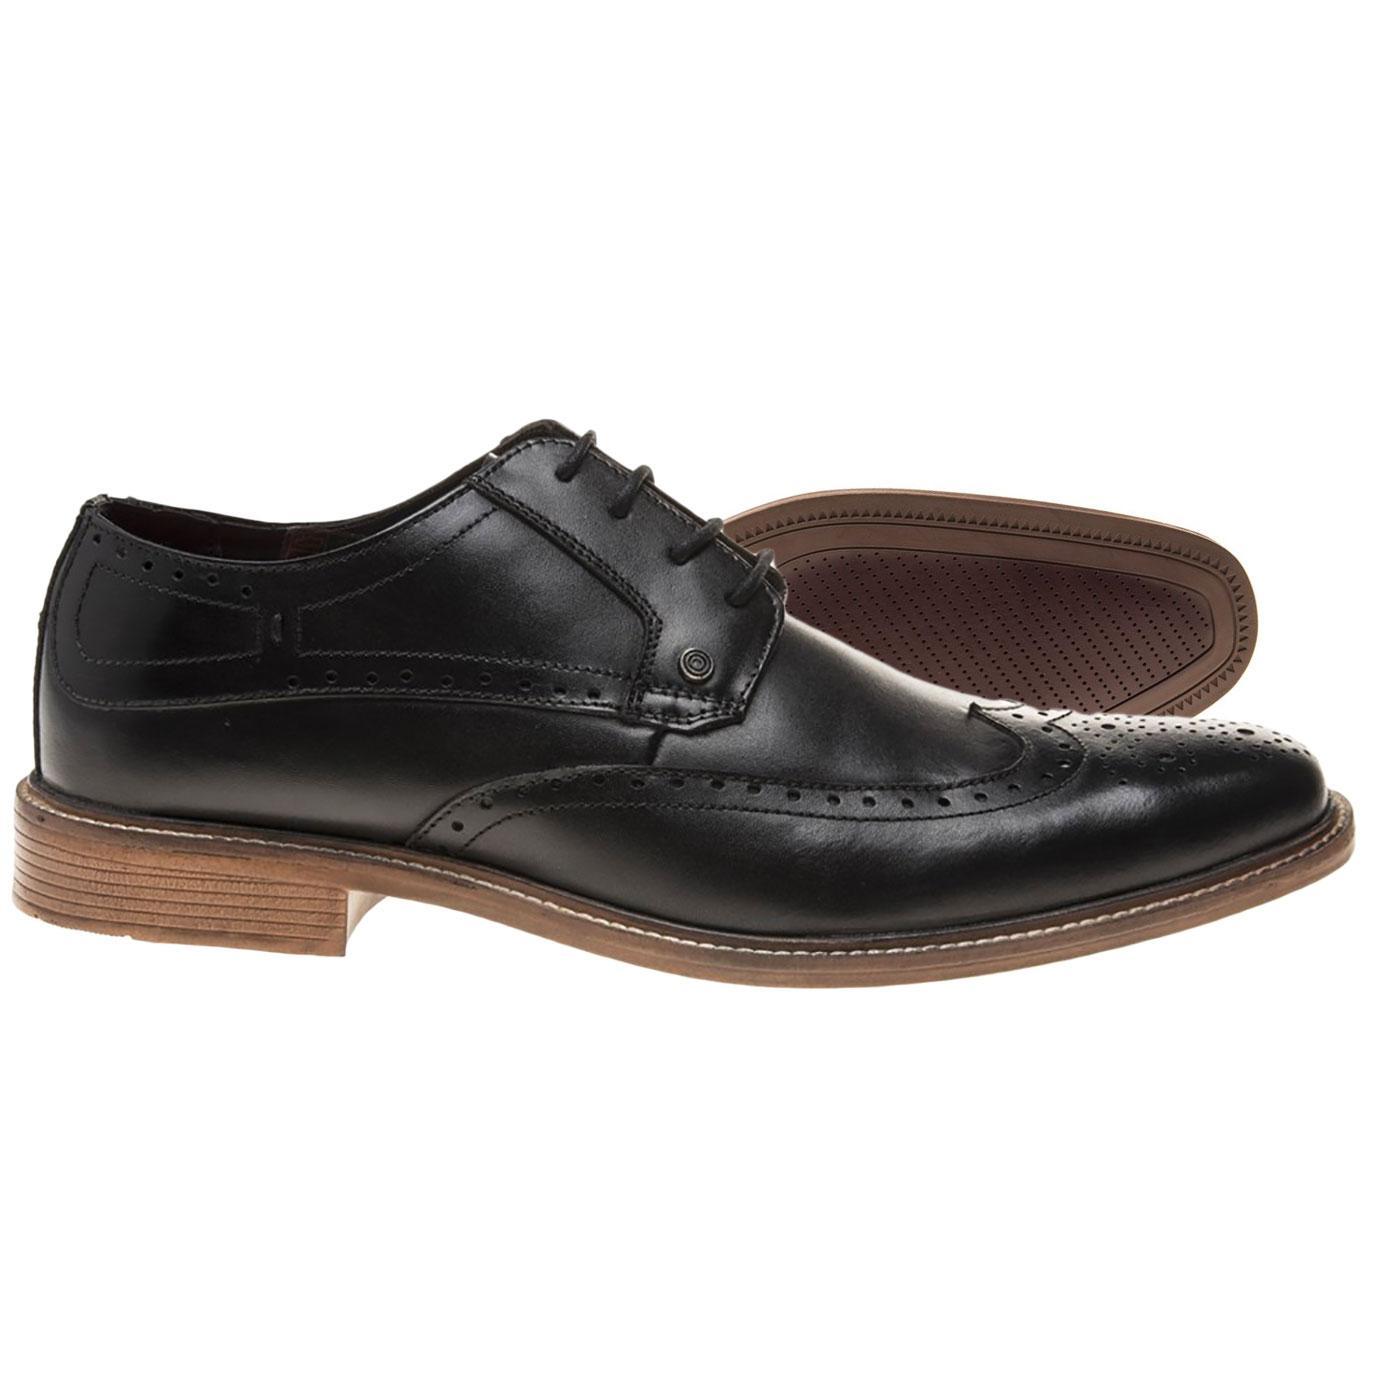 1960s Mod Derby Brogue Shoes